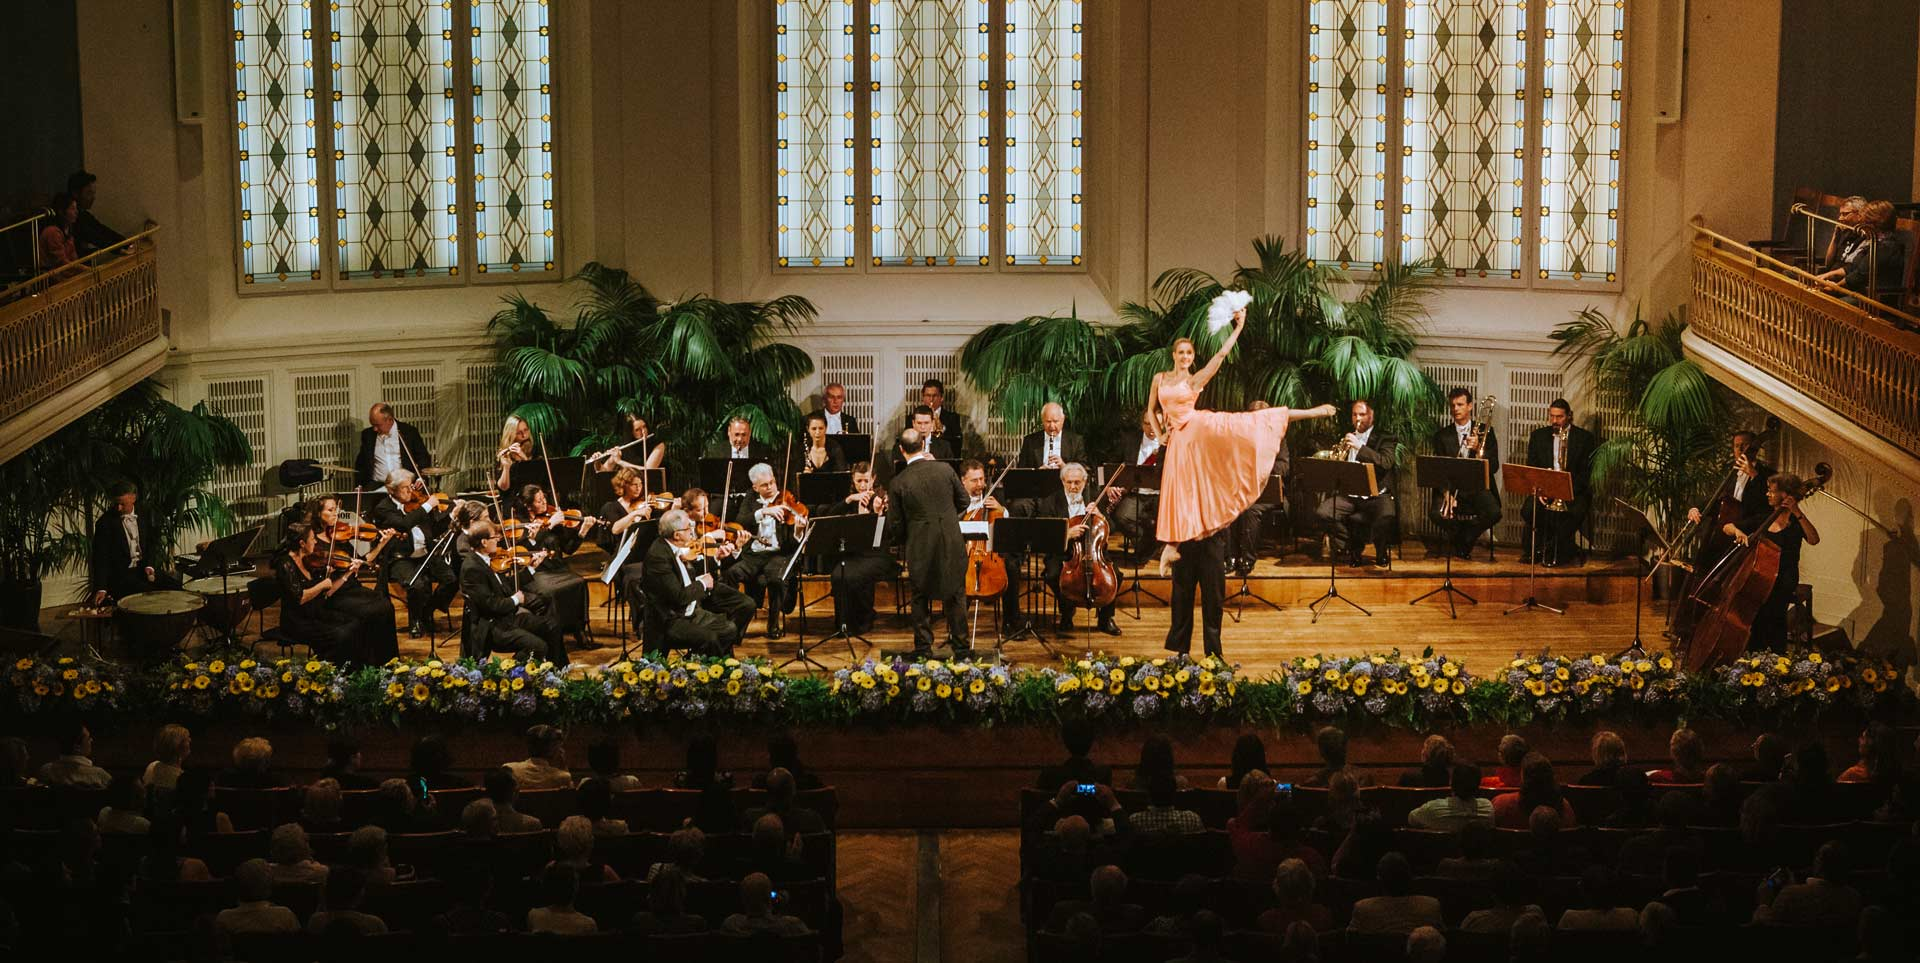 Wiener Hofburg-Orchester beim klassischen Konzert mit Ballett im Mozartsaal des Konzerthaus Wien